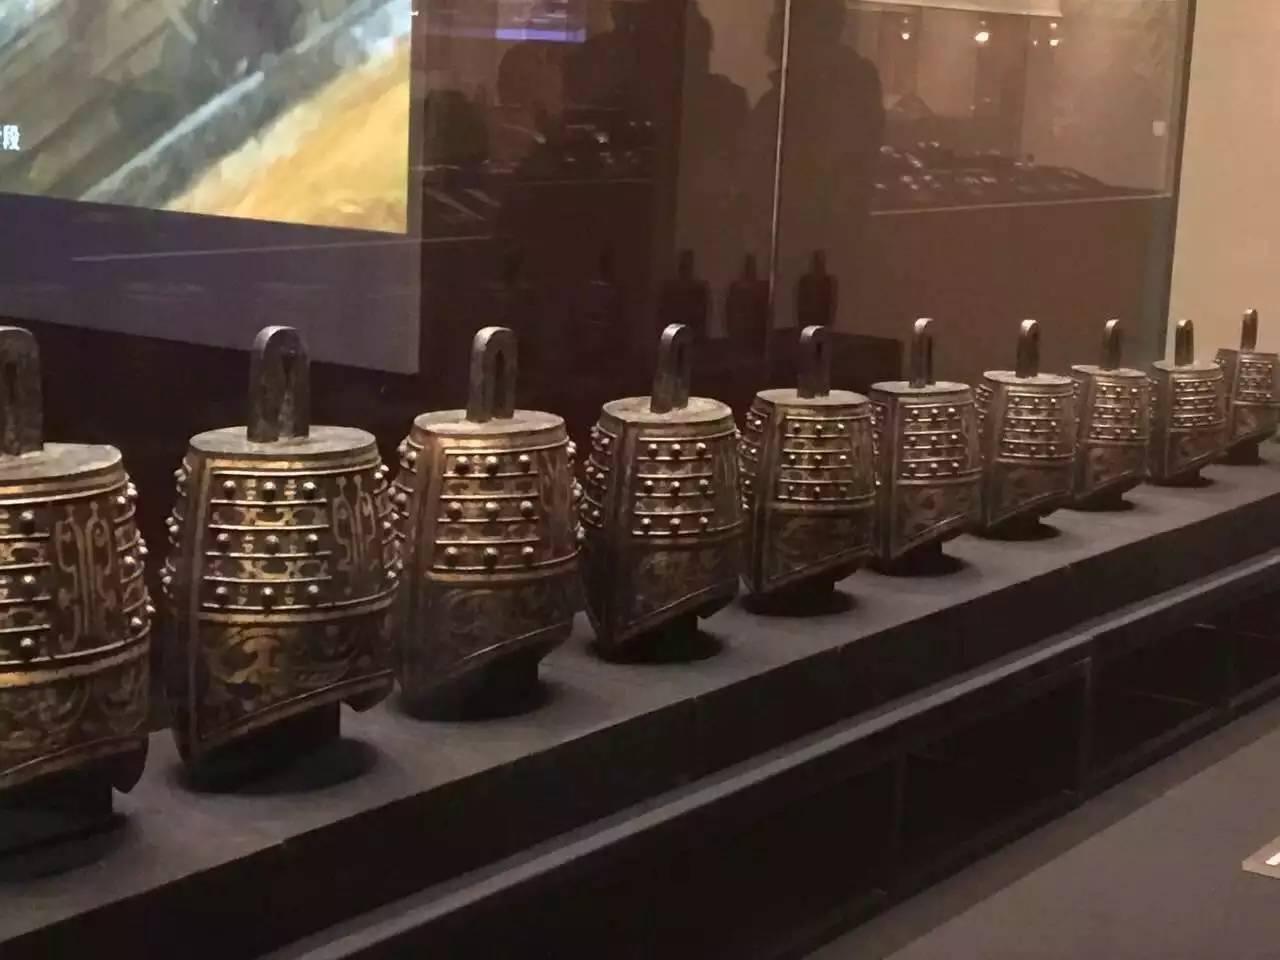 海昏侯墓里的整套乐器,包括编钟2套,编磬1套,完整的琴,瑟,排箫,形象再